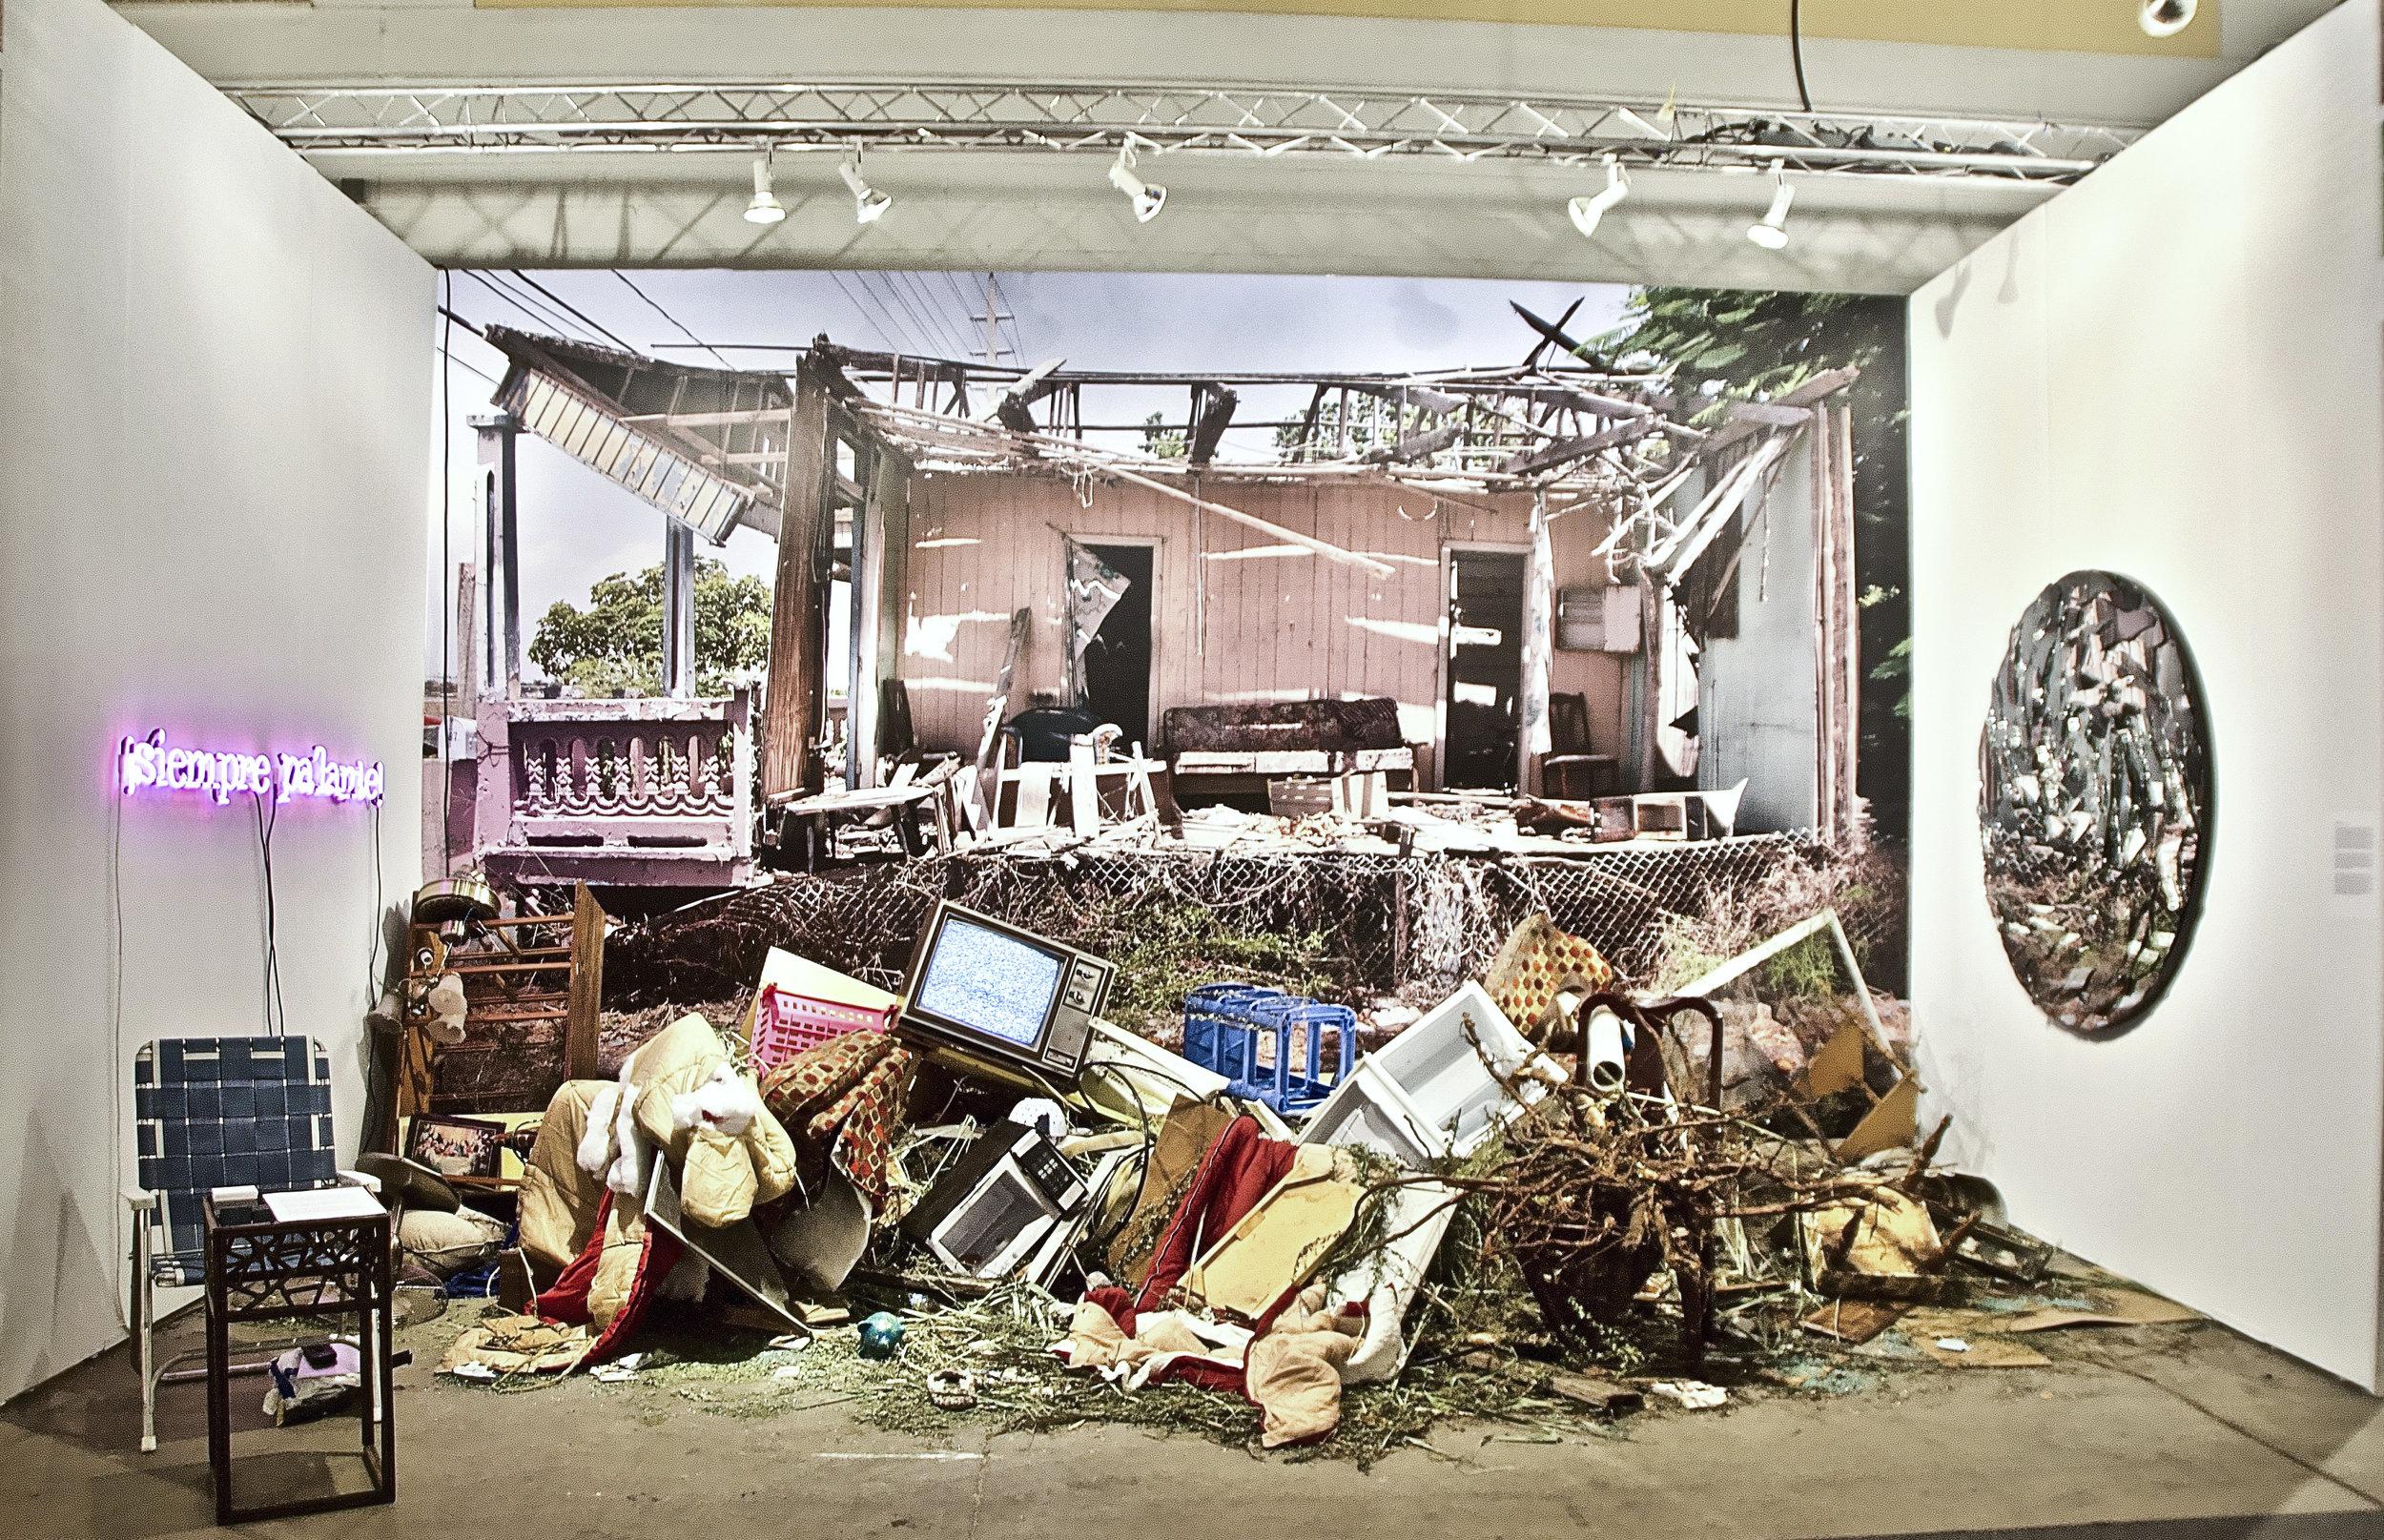 Photo of Dzine Rolón's work © Ruben Natal-San Miguel